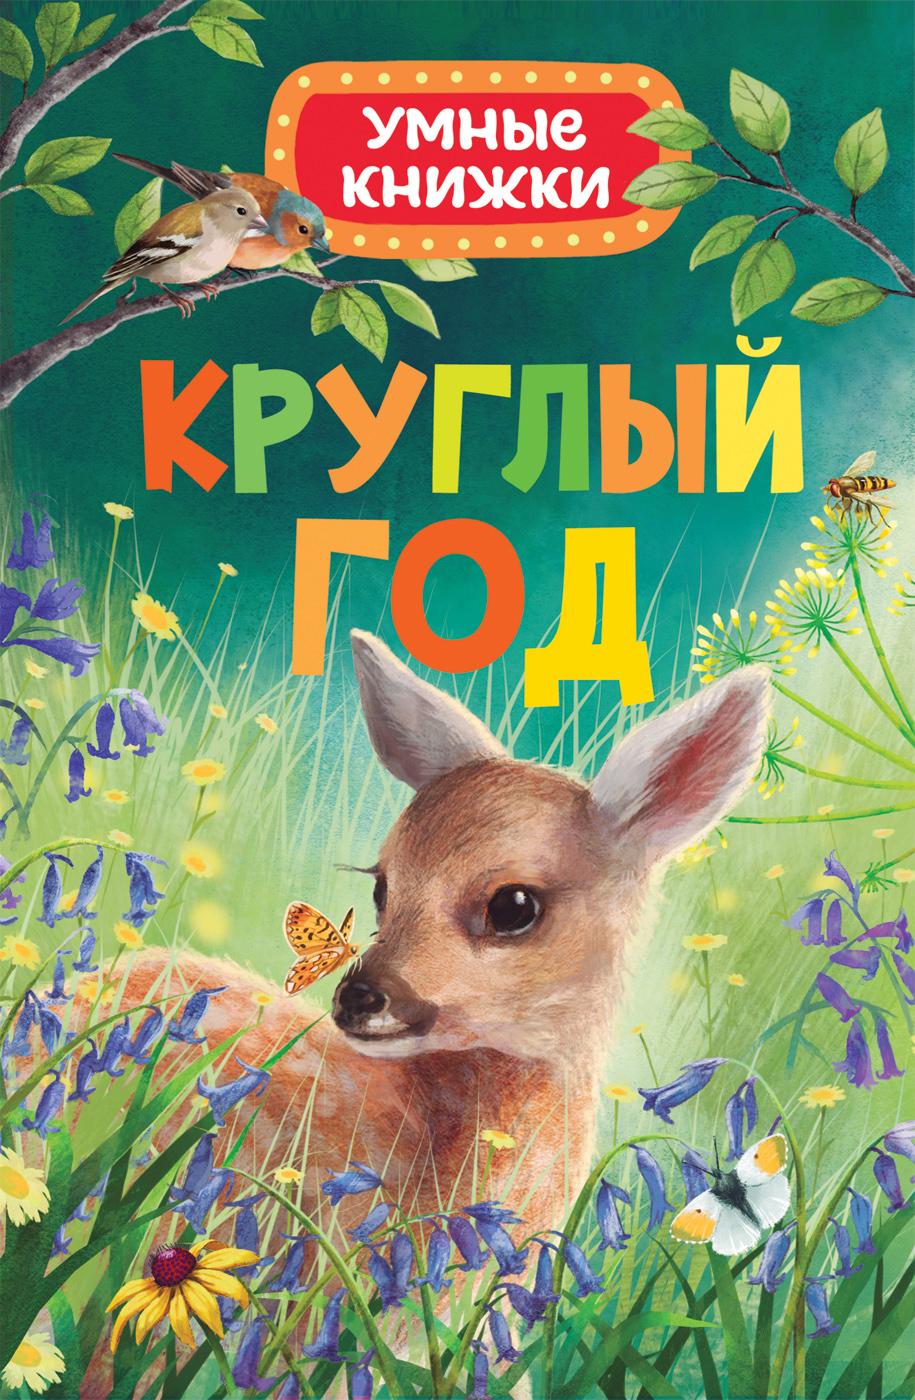 купить Боун Э. Круглый год (Умные книжки) по цене 187 рублей